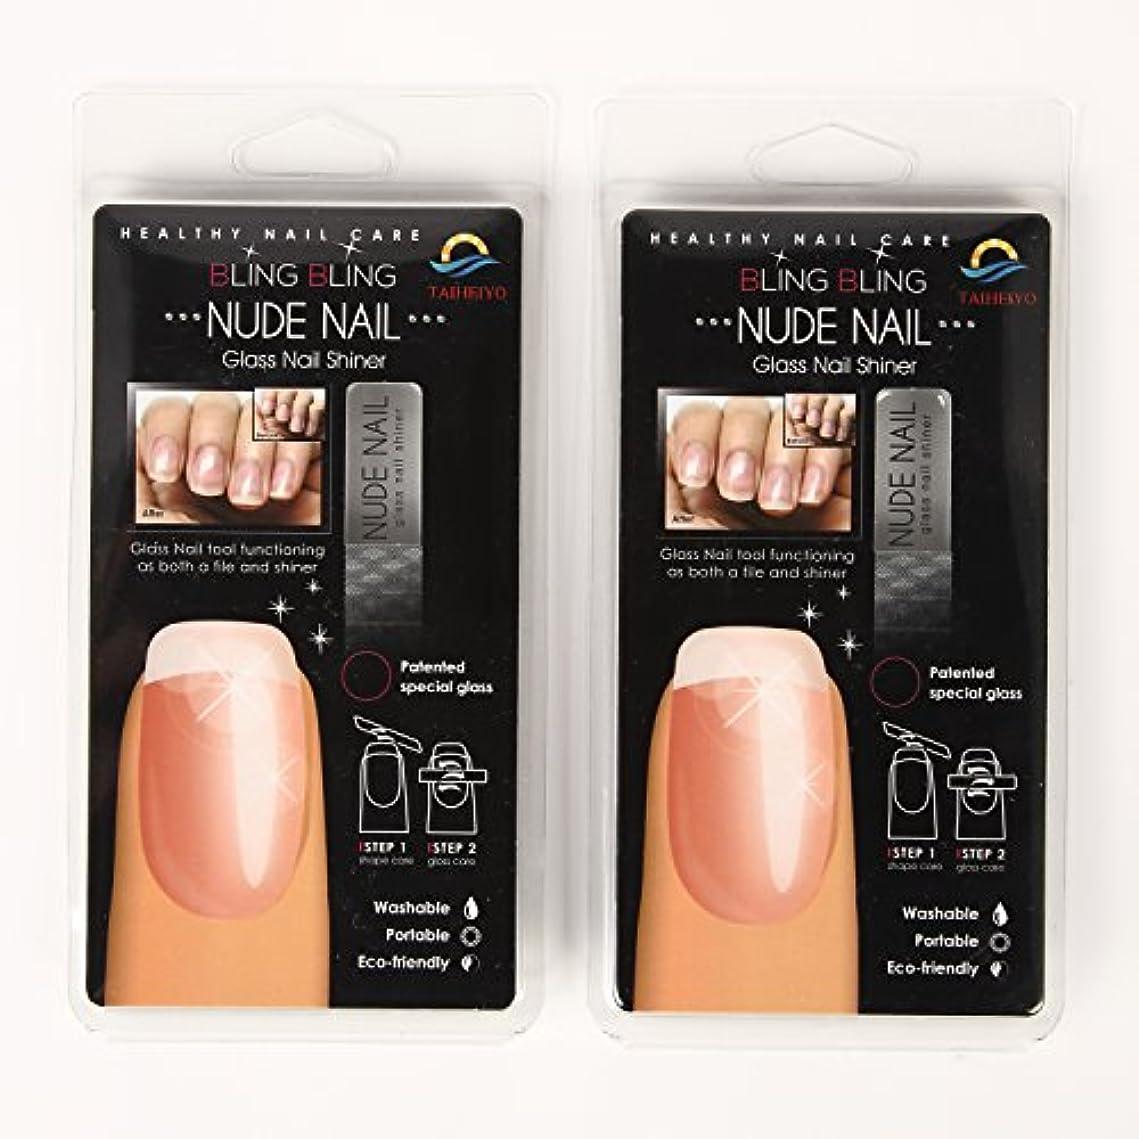 変な不利益毎月ヌードネイル NUDE NAIL 2本SET ガラス製爪磨き ガラスネイルシャイナー GLASS NAIL SHINER TAIHEIYO (2本SET)